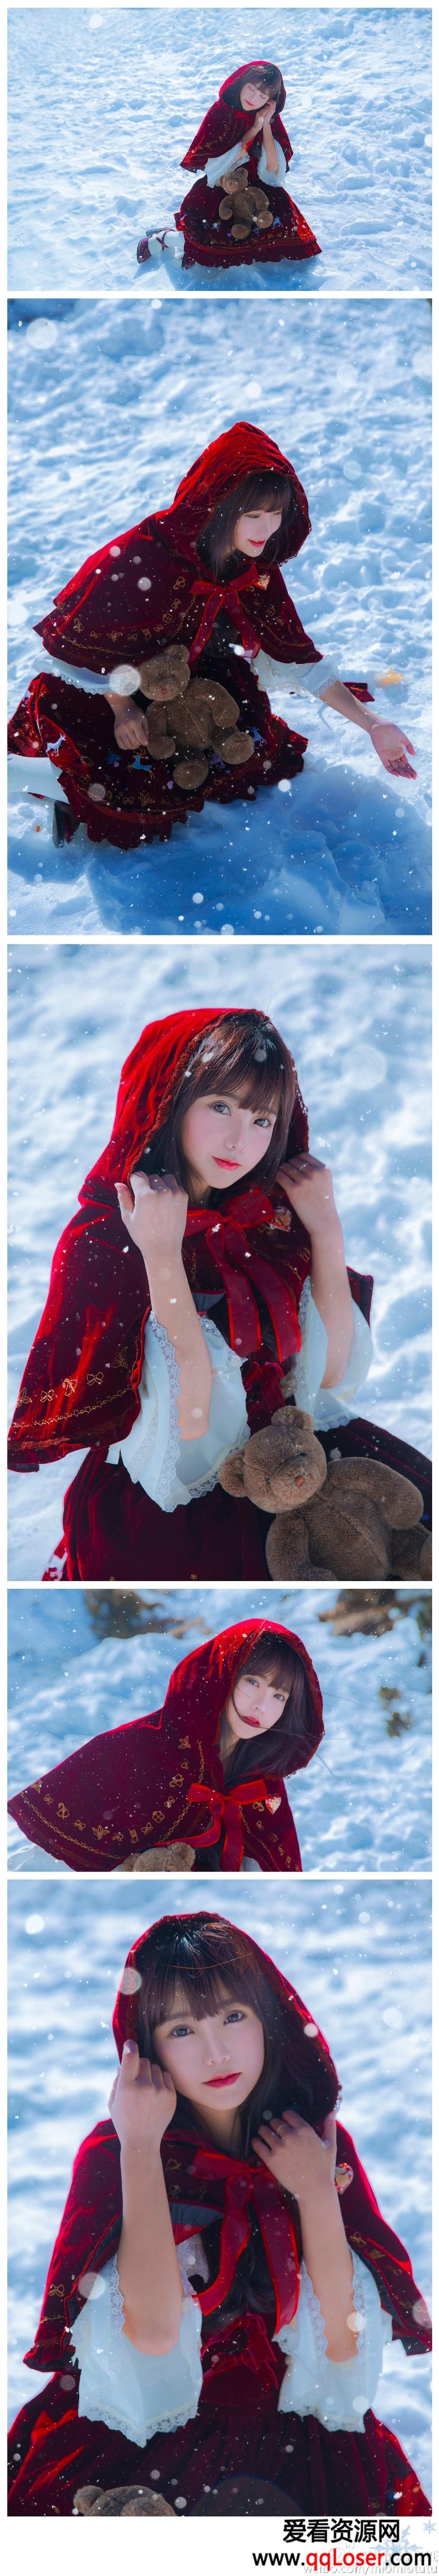 Cosplay@澪mio兔兔纸 有点好吃懒做的小宅女一枚![由爱看资源网www.qqloser.com 整理发布]